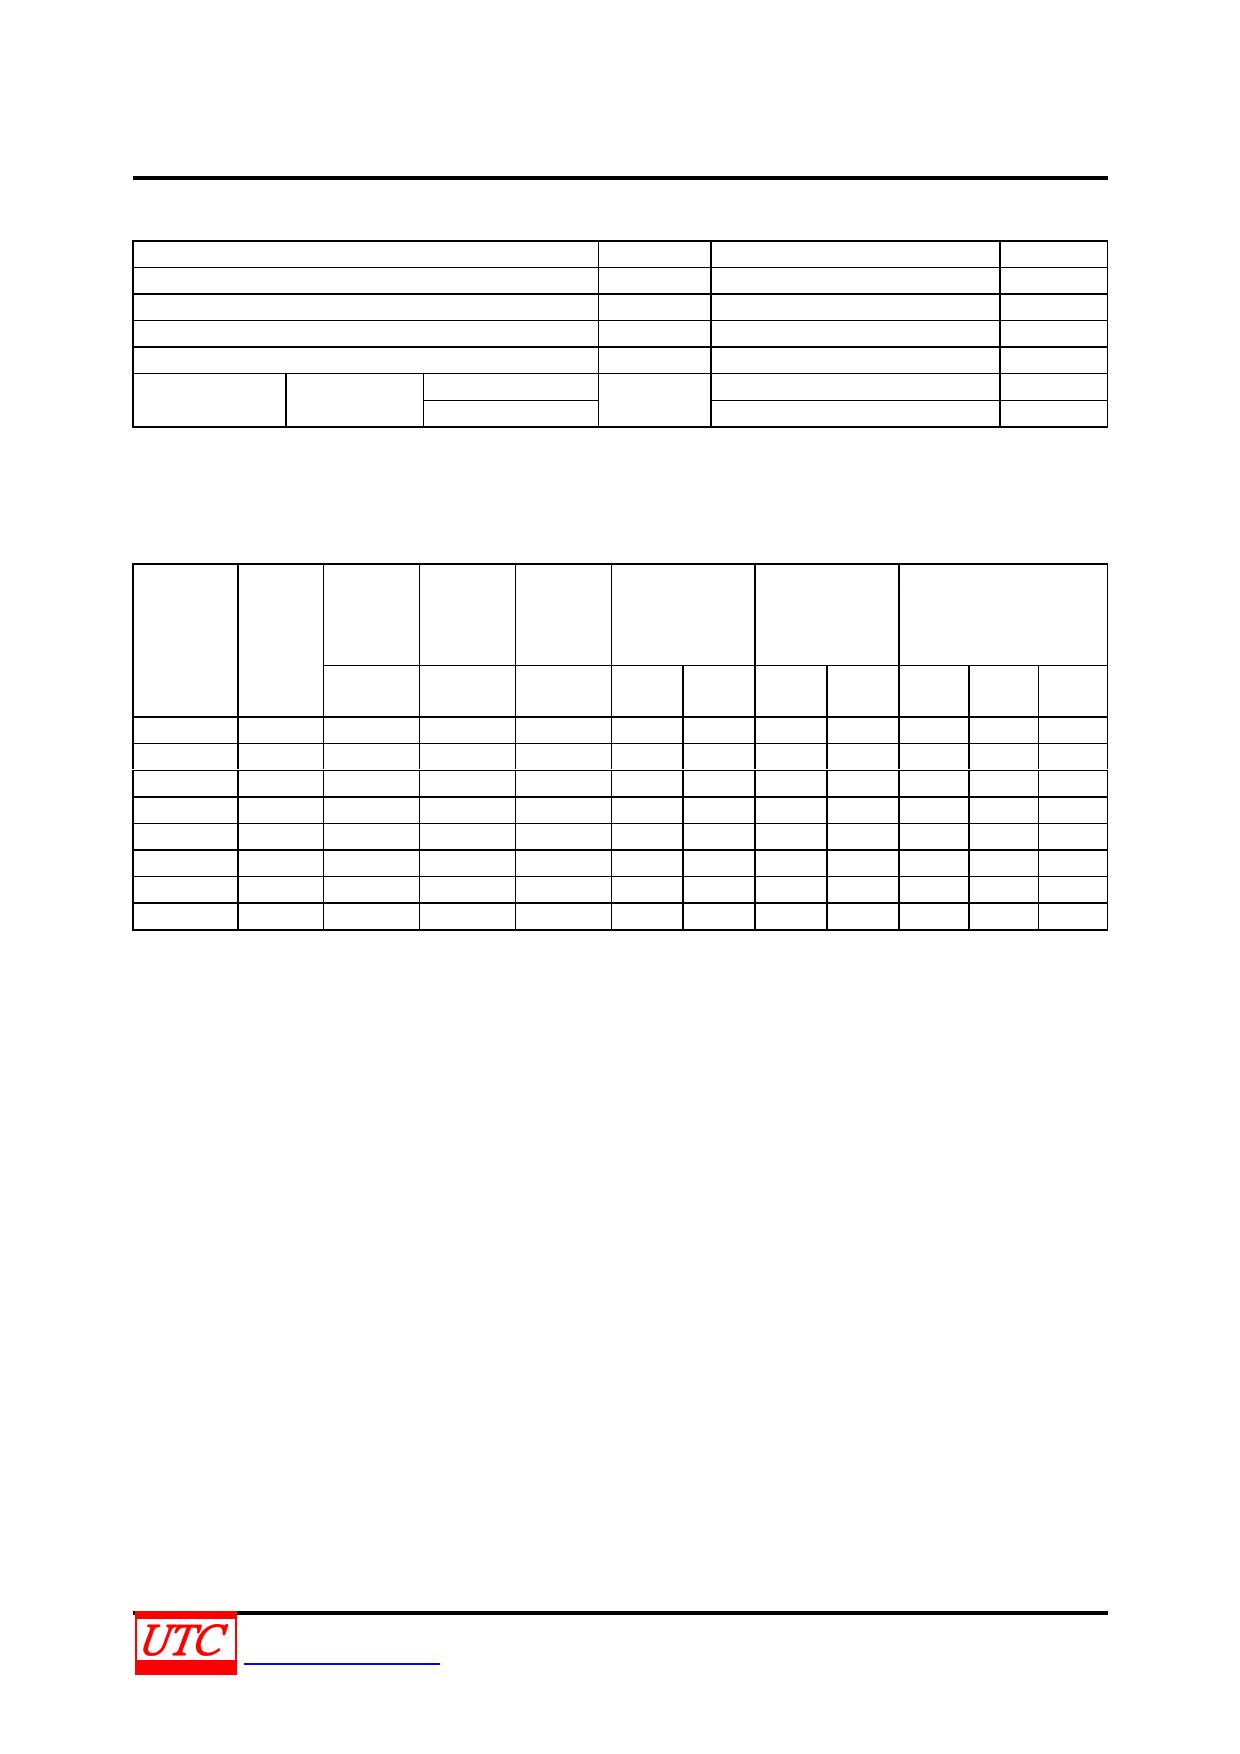 SMA12V pdf, schematic